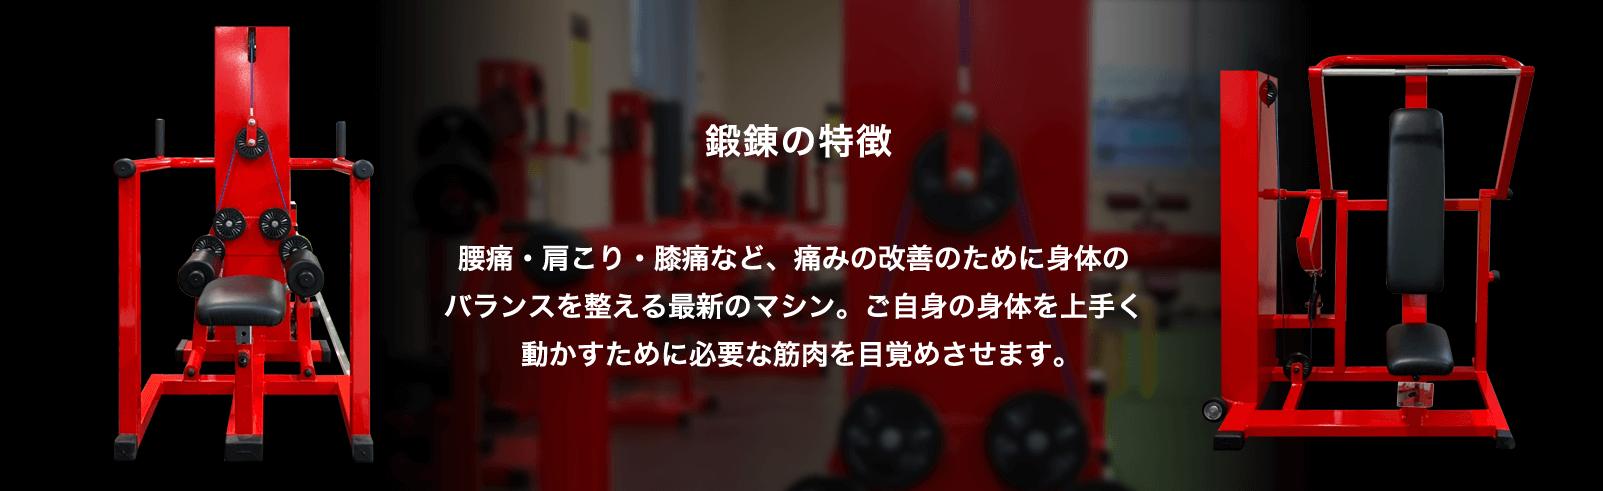 鍛錬の特徴 腰痛・肩こり・膝痛など、痛みの改善のために身体のバランスを整える最新のマシン。ご自身の身体を上手く動かすために必要な筋肉を目覚めさせます。